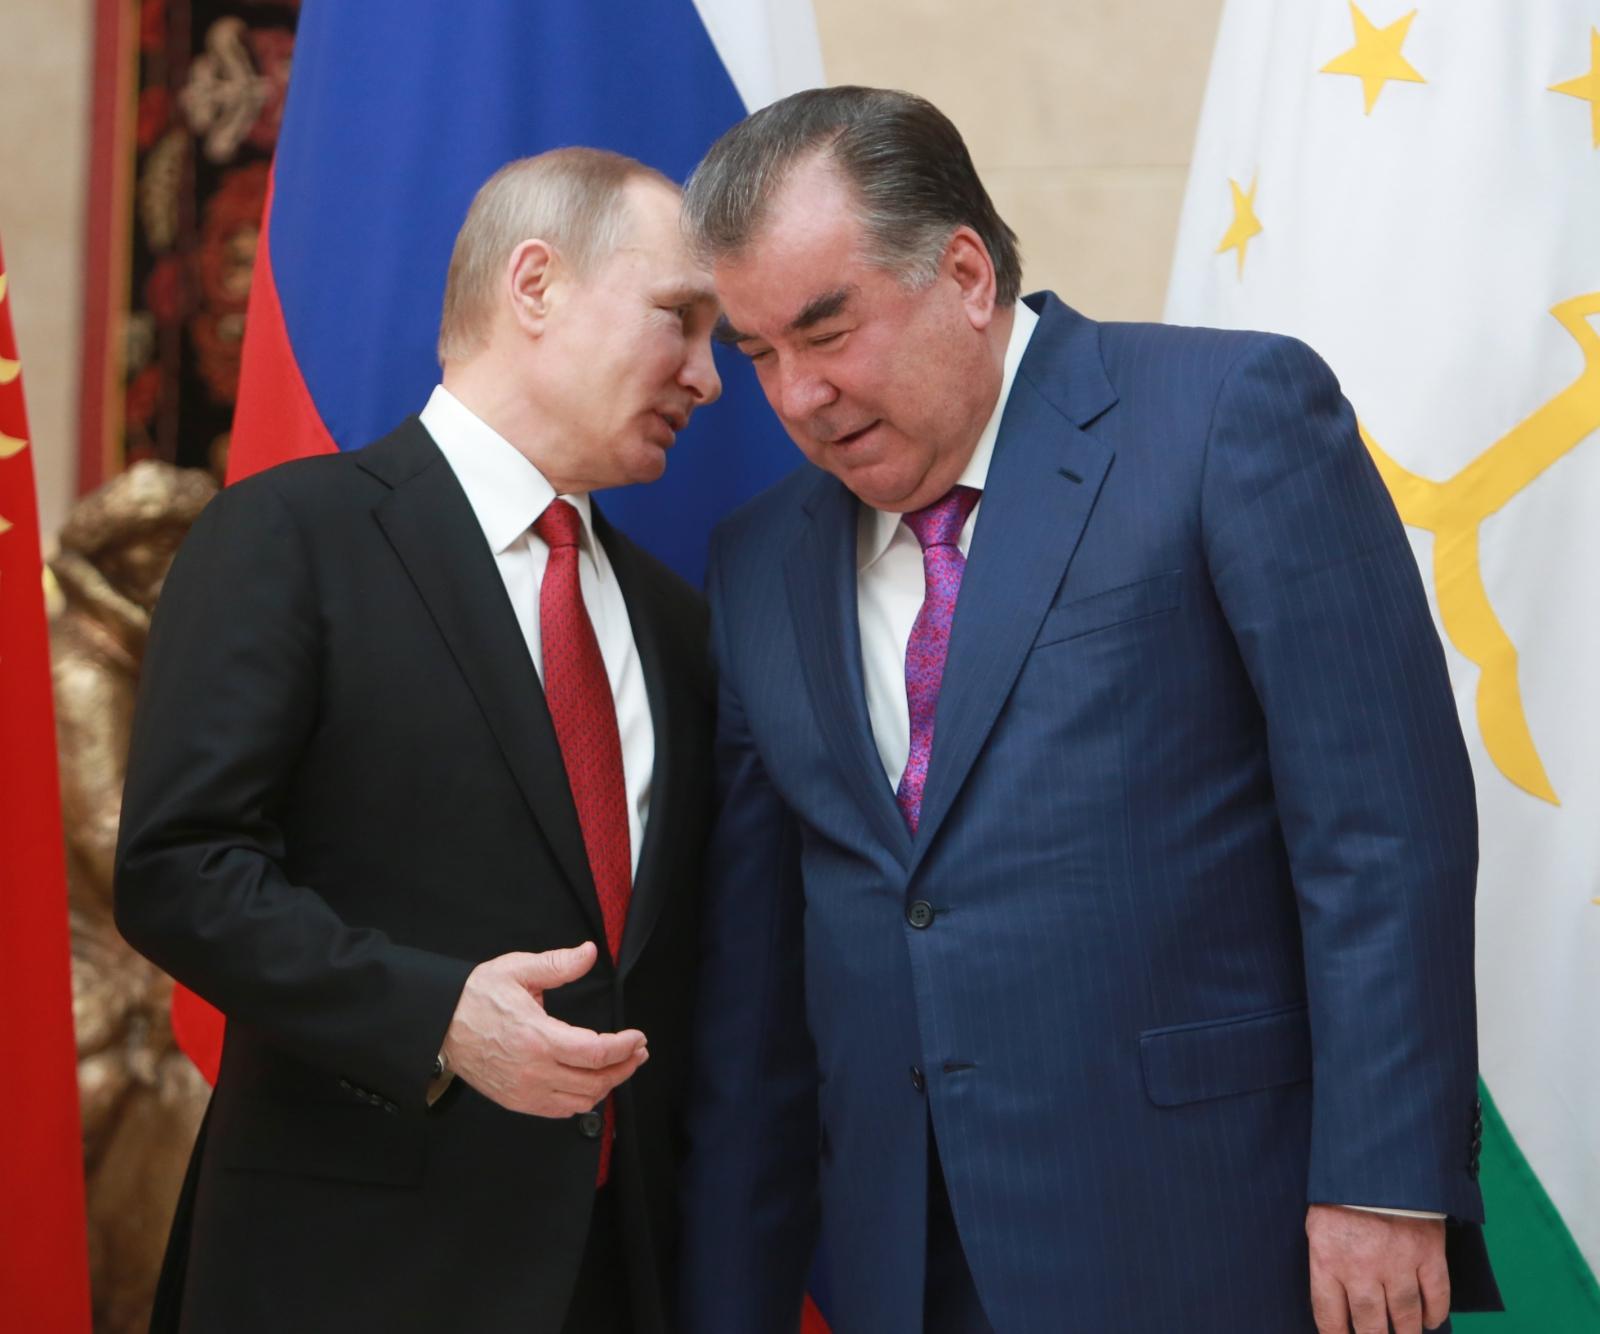 Prezydent Rosji Władimir Putin i prezydent Tadżykistanu Emomali Rachmon uczestniczyli w spotkaniu Rady Bezpieczeństwa w  Kirgistanie. Fot. PAP/EPA.